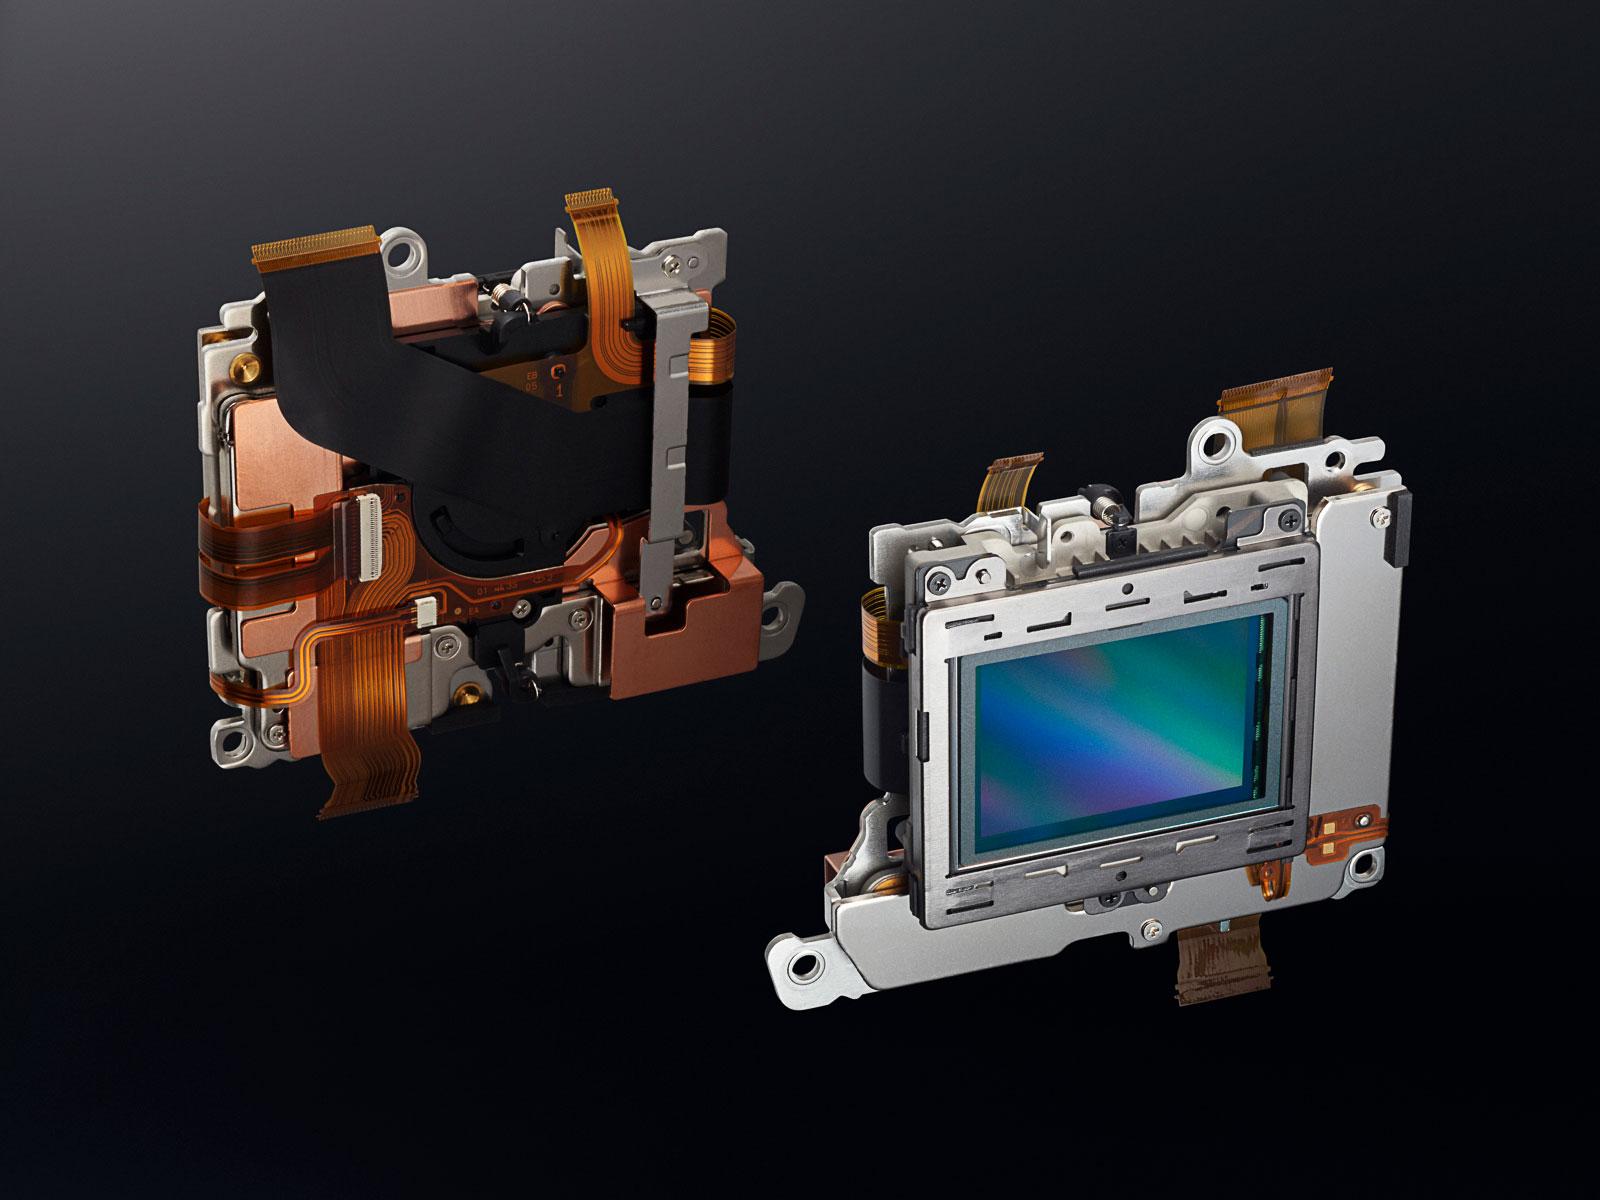 Nikon rappelle certains boîtiers Z 6 et Z 7 en raison d'un problème de stabilisation du capteur